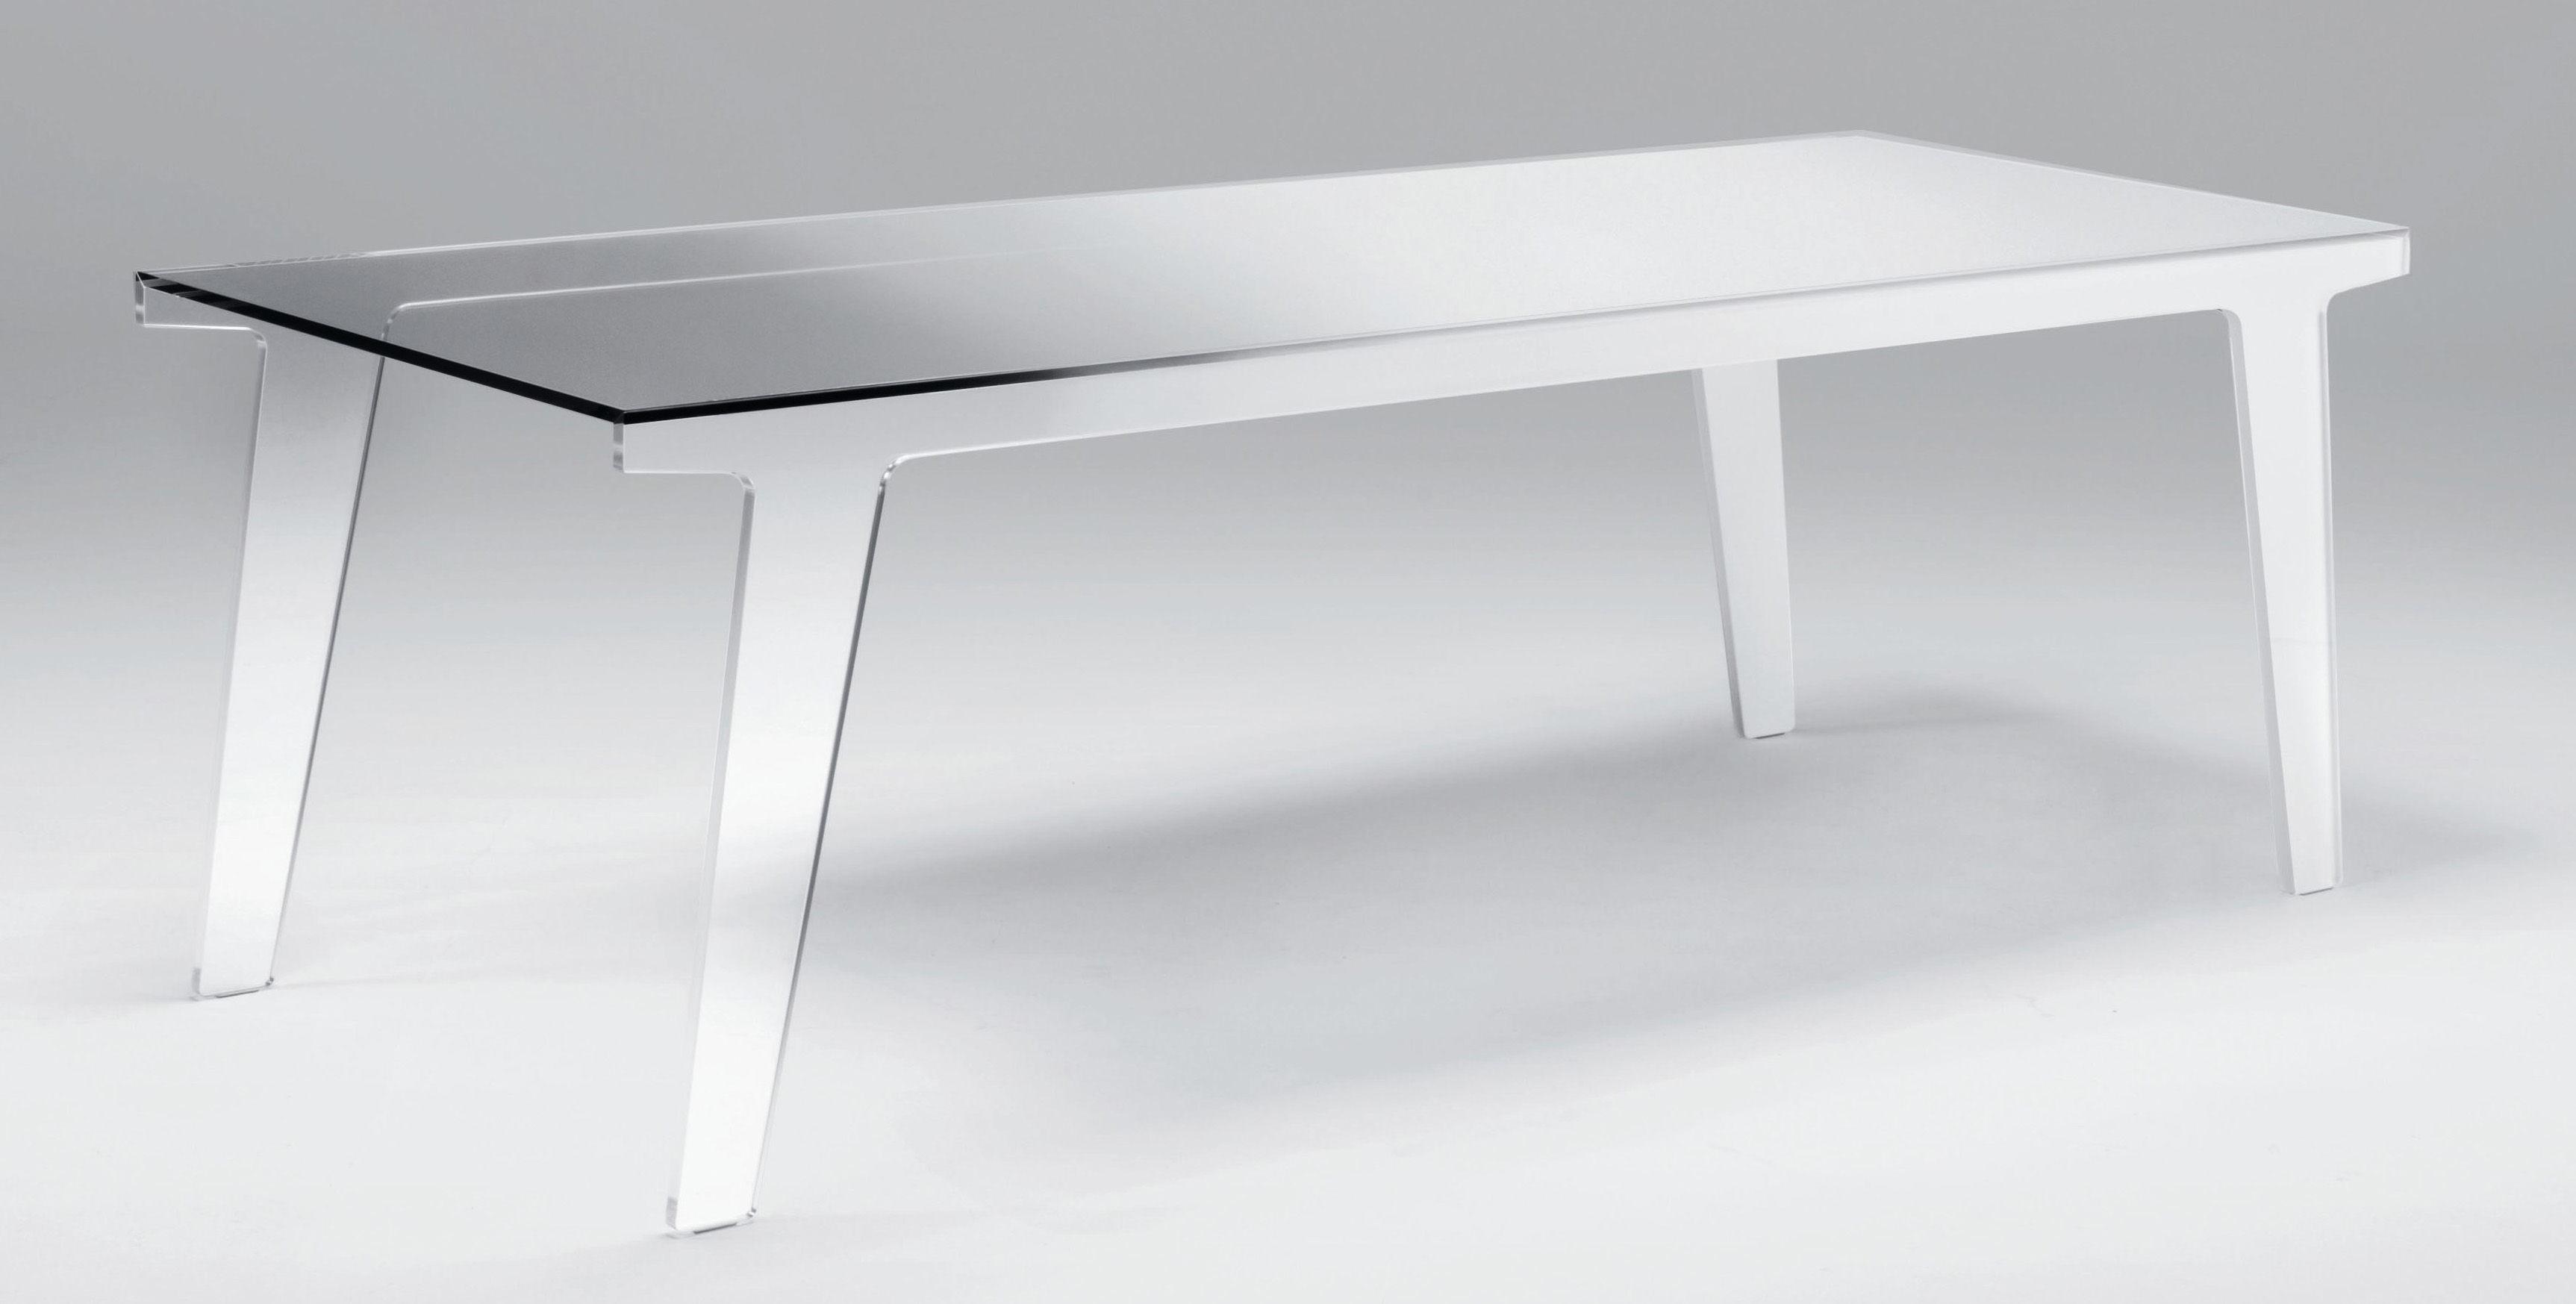 Mobilier - Tables - Table rectangulaire Faint / 200 x 90 cm - Glas Italia - L 200 cm - Fumé & dégradé blanc - Verre